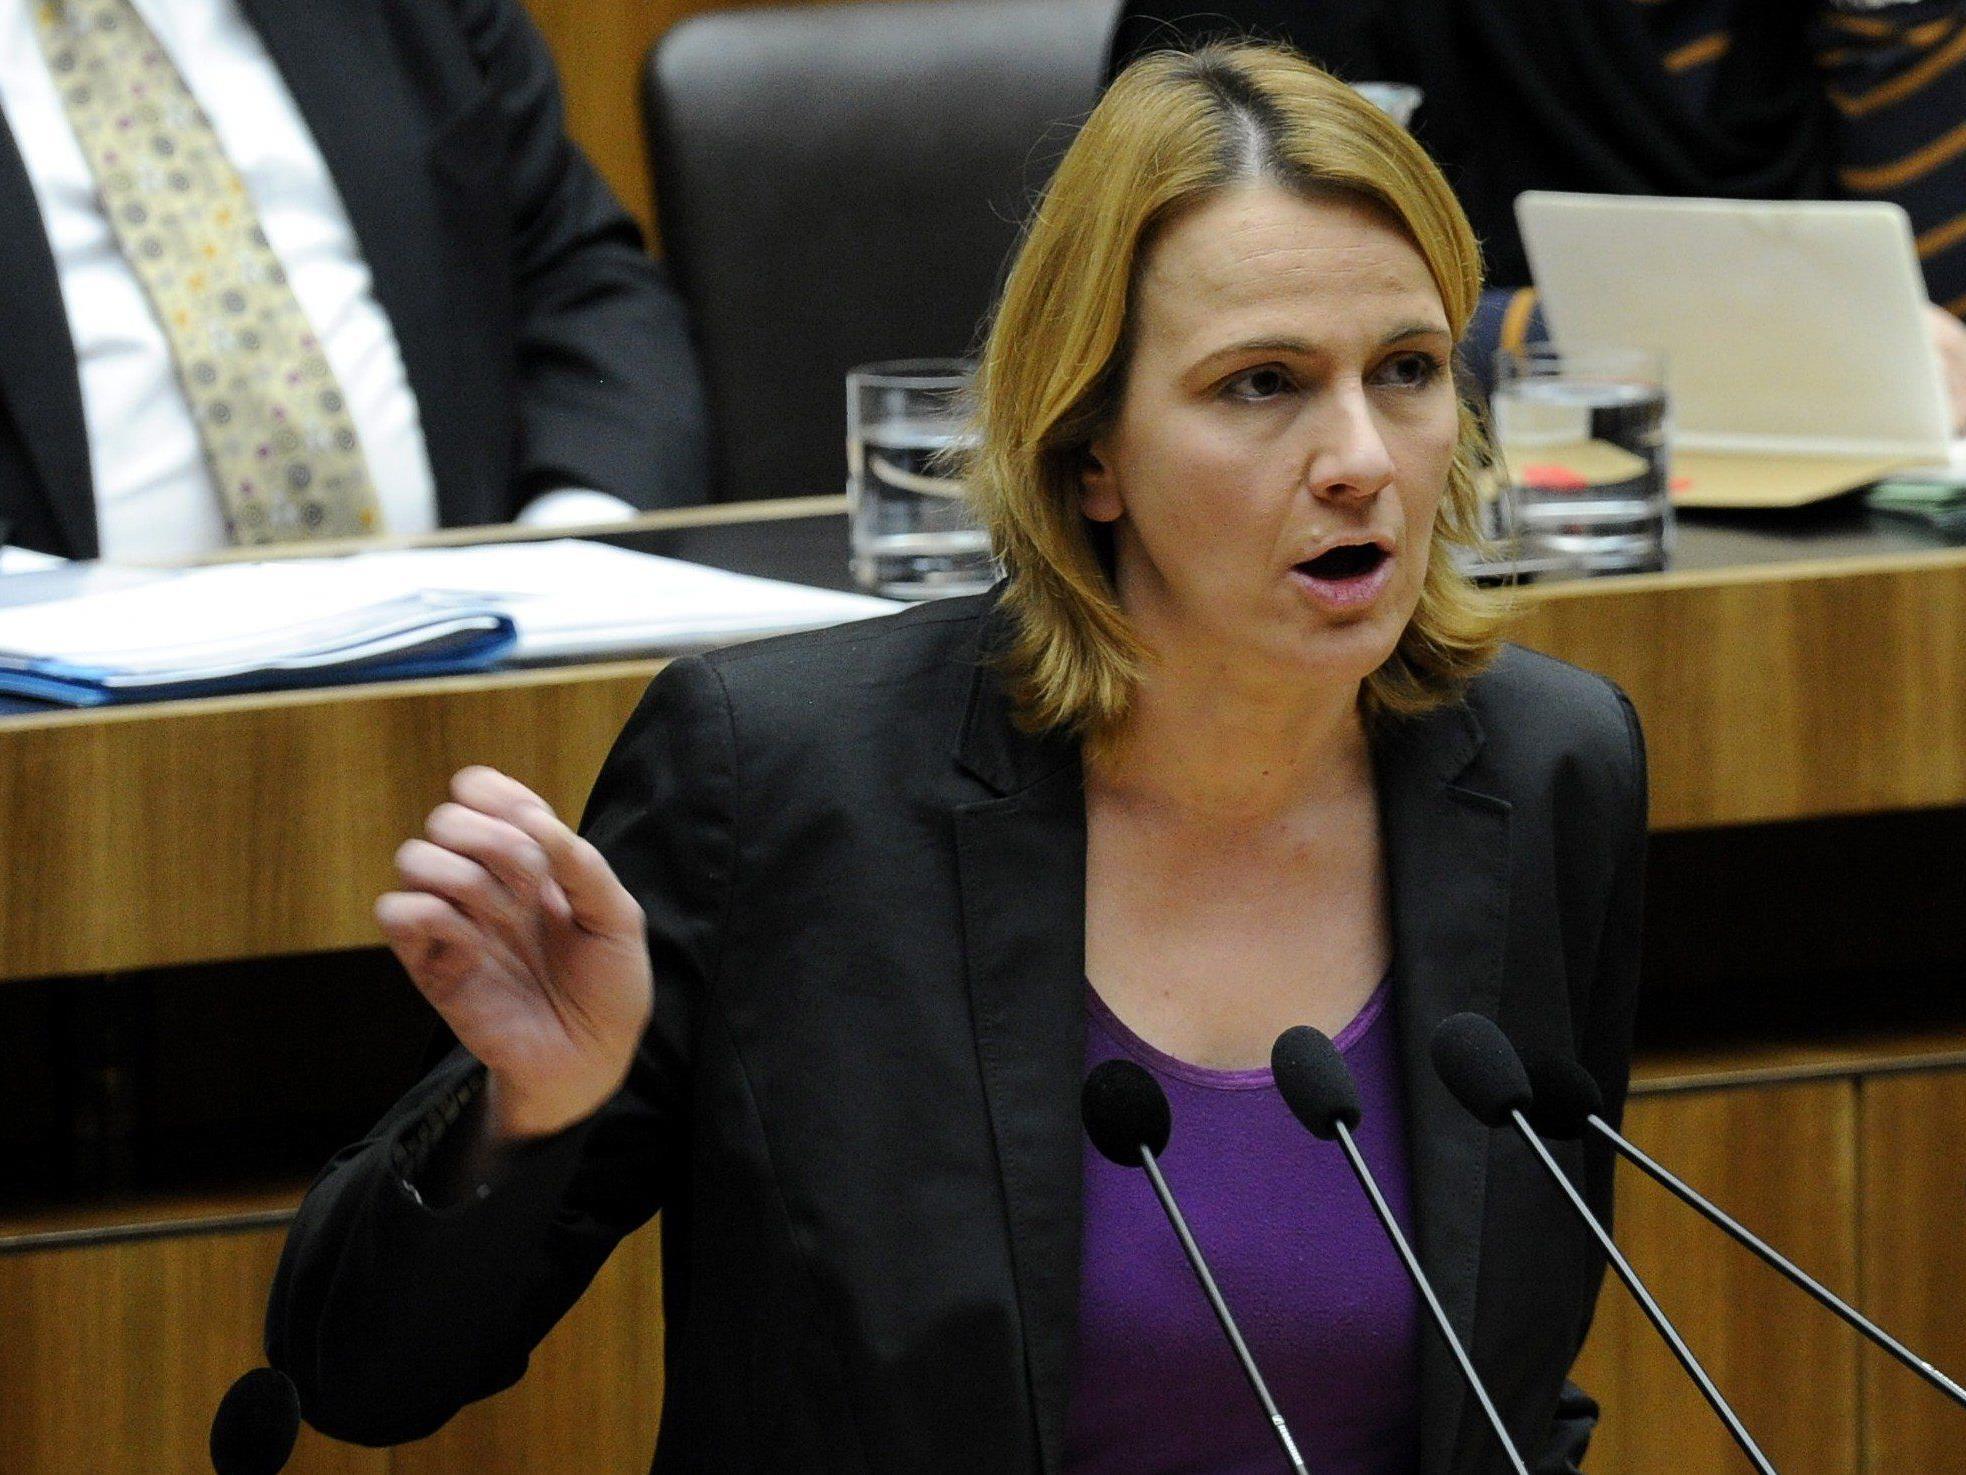 FPÖ-Abgeordnete Belakowitsch-Jenewein fordert Abschiebung von Flüchtlingen in Bundesheer-Maschinen.